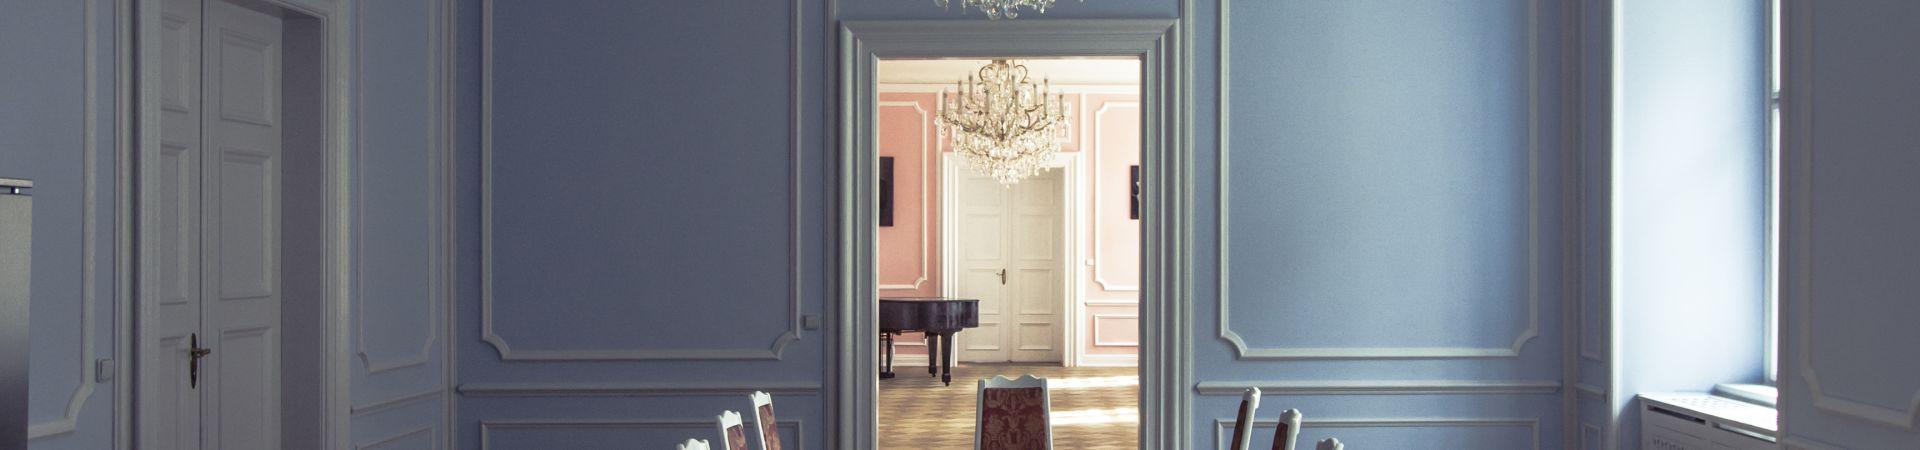 Hartigovský palác - Modrý sál